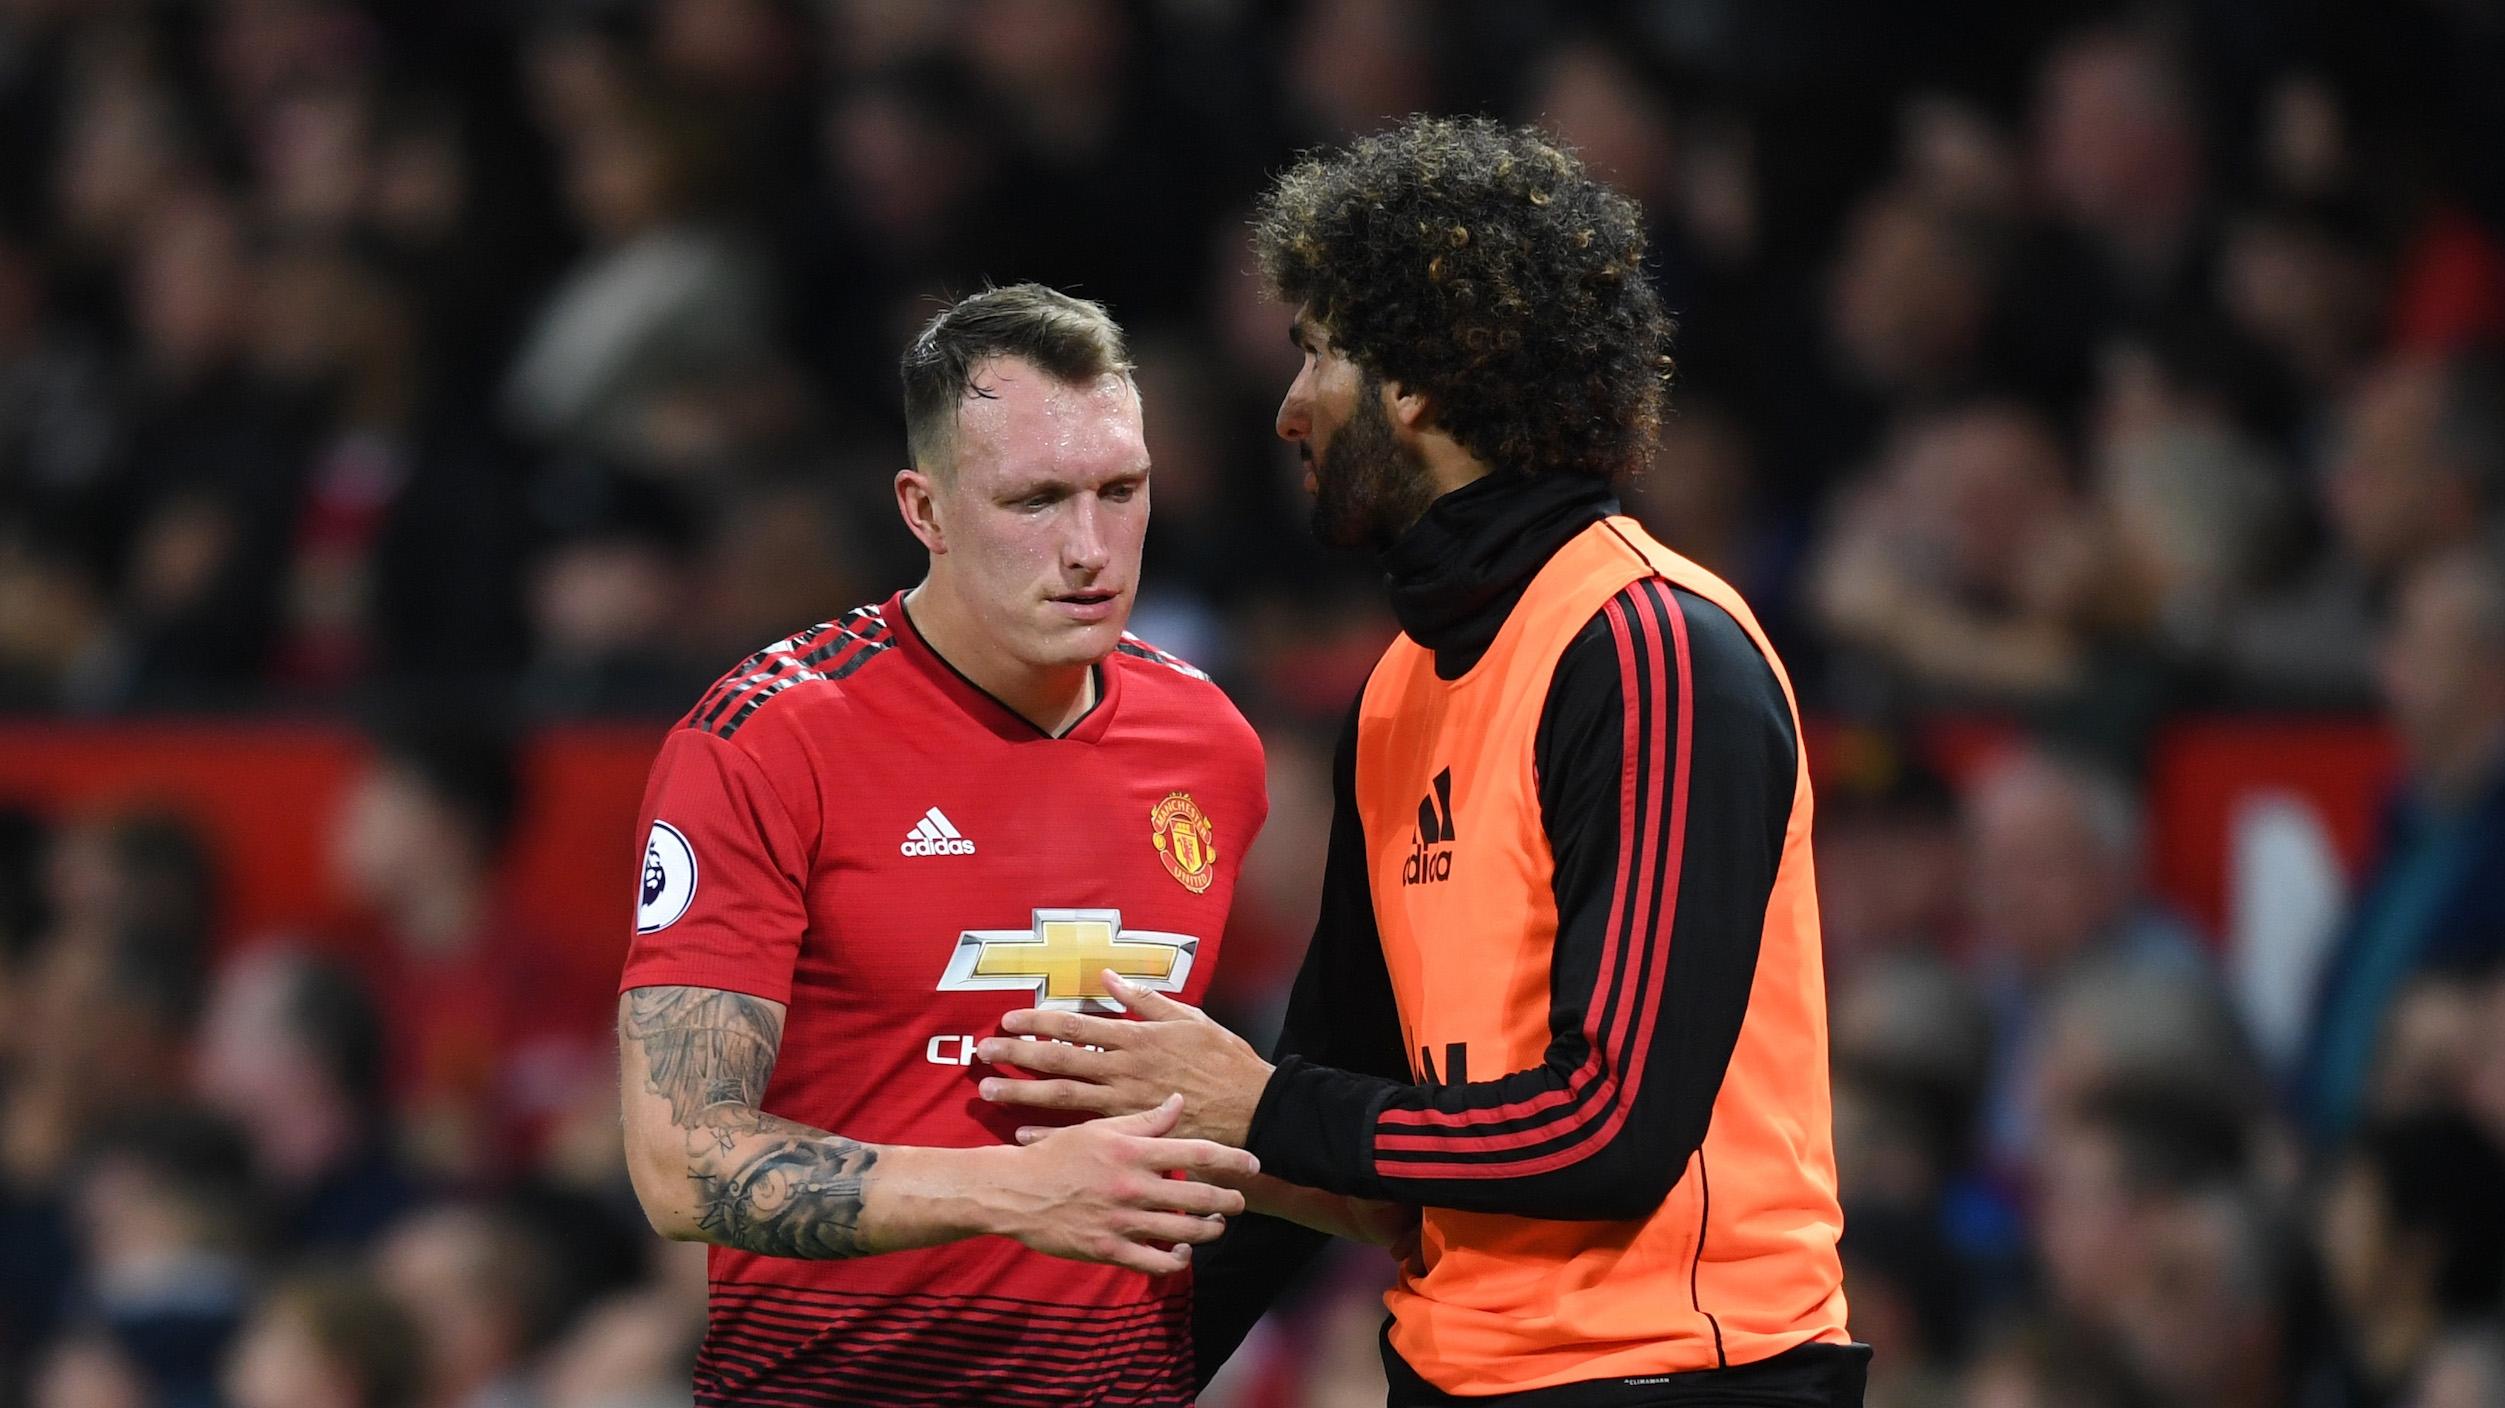 Футболистите и служителите в Манчестър Юнайтед очакват Жозе Моуриньо да